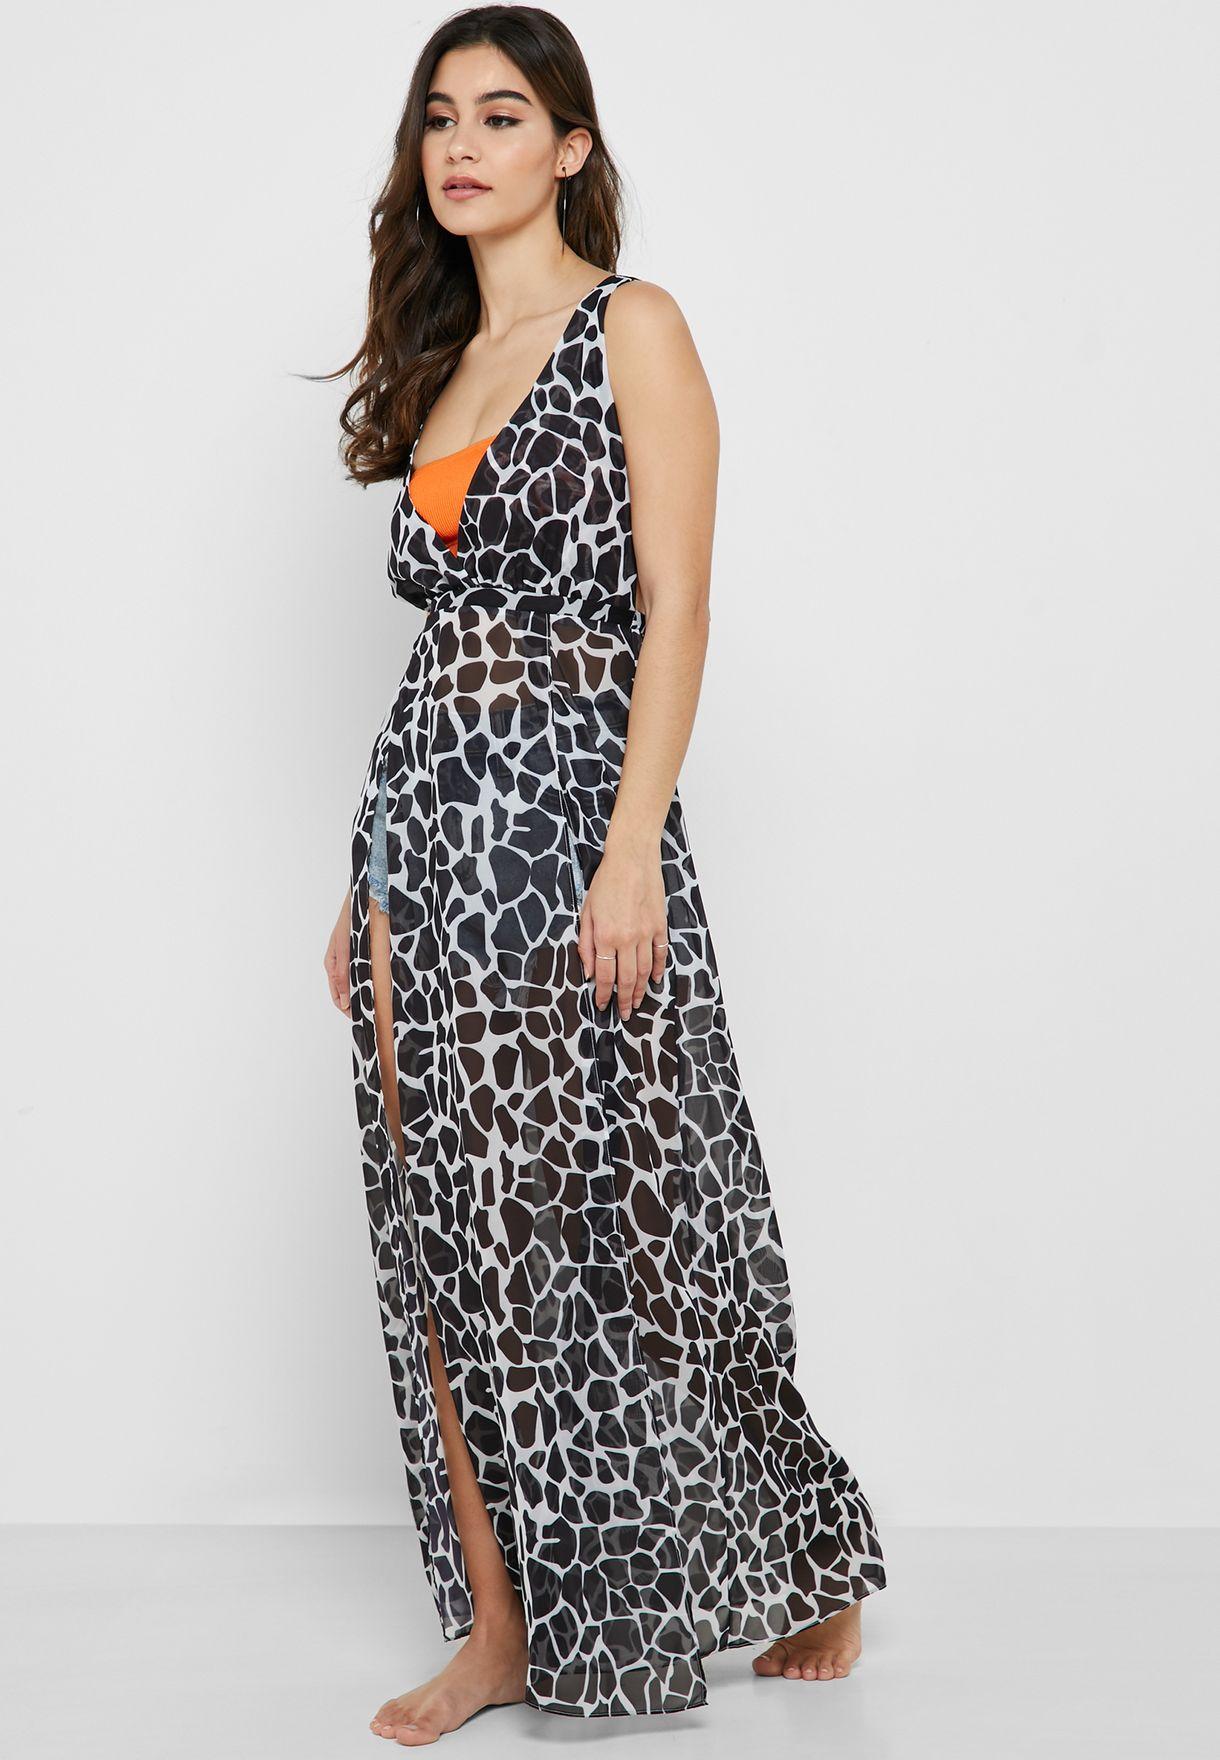 Giraffe Print Front Slit Beach Dress